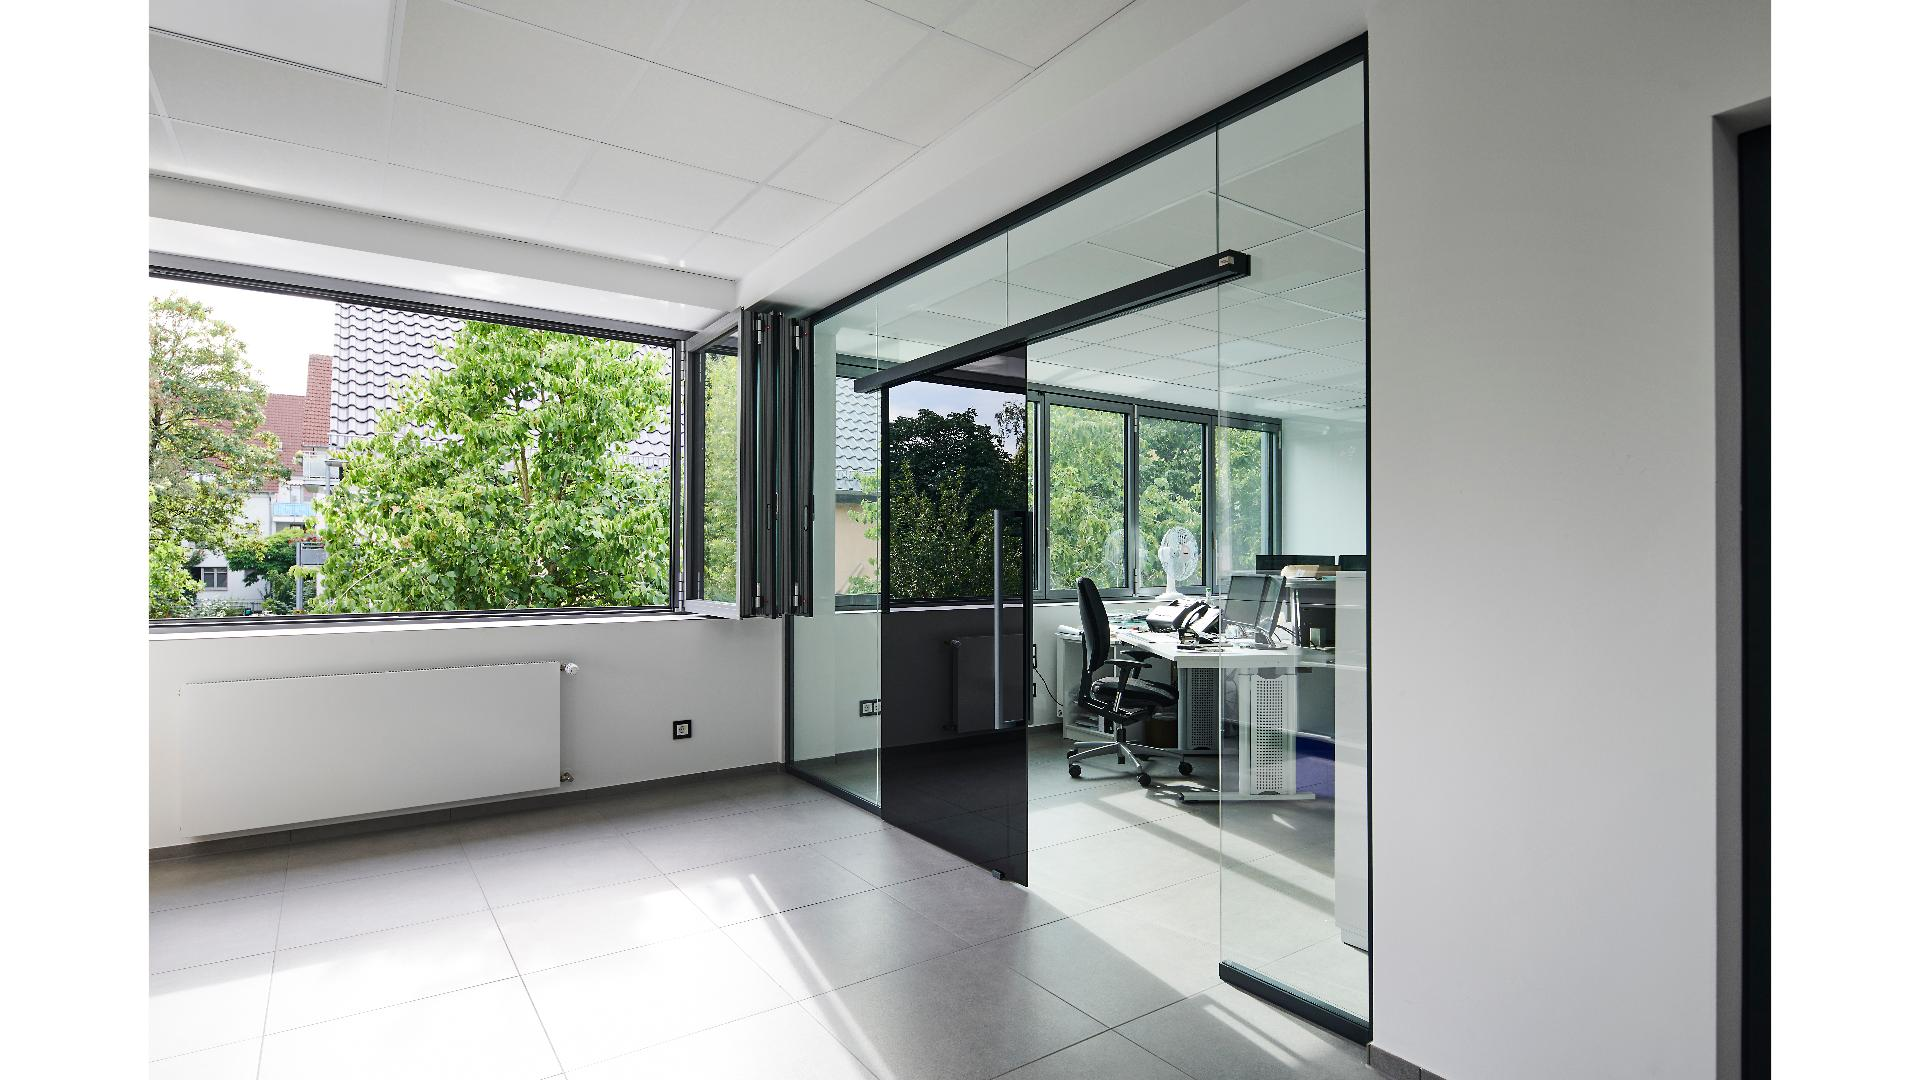 schwarze Glas-Schiebetür in der Ausstellung von Menke-Glas in Bielefeld